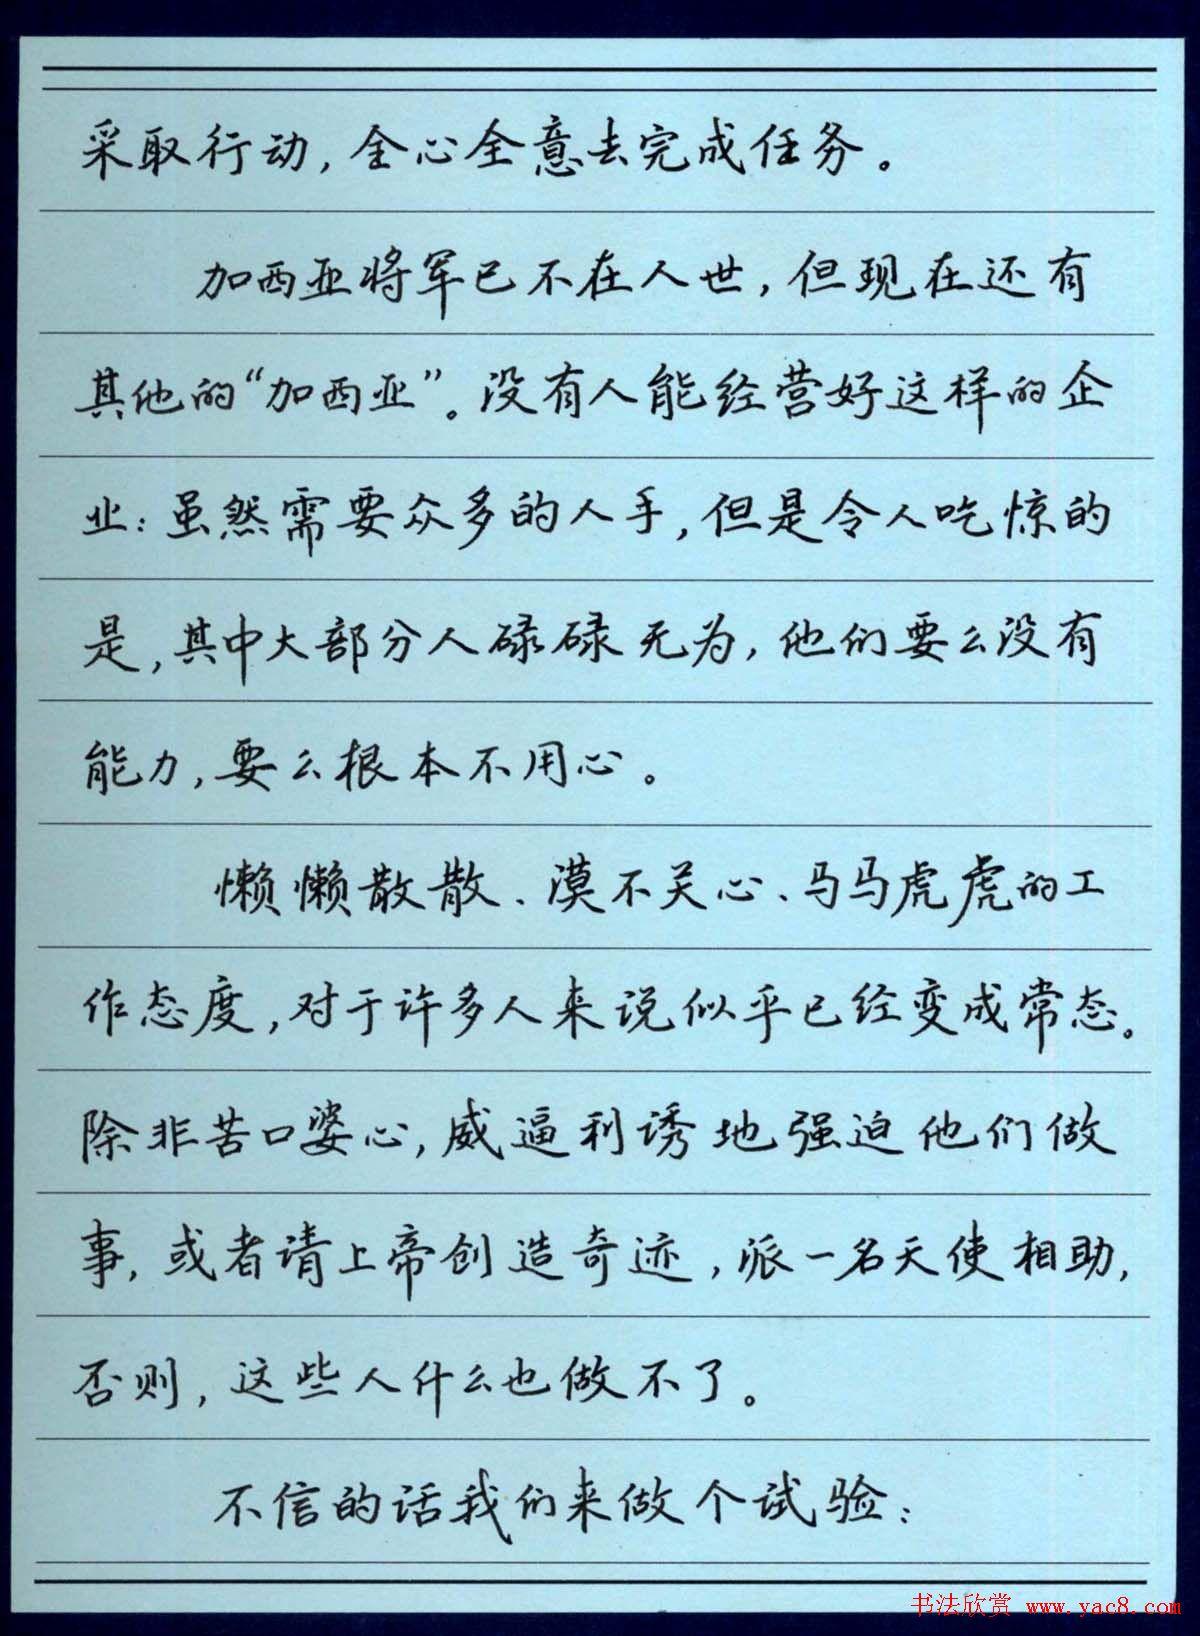 罗盛照硬笔书法 致加西亚的信 第4页 钢笔字帖 书法欣赏图片